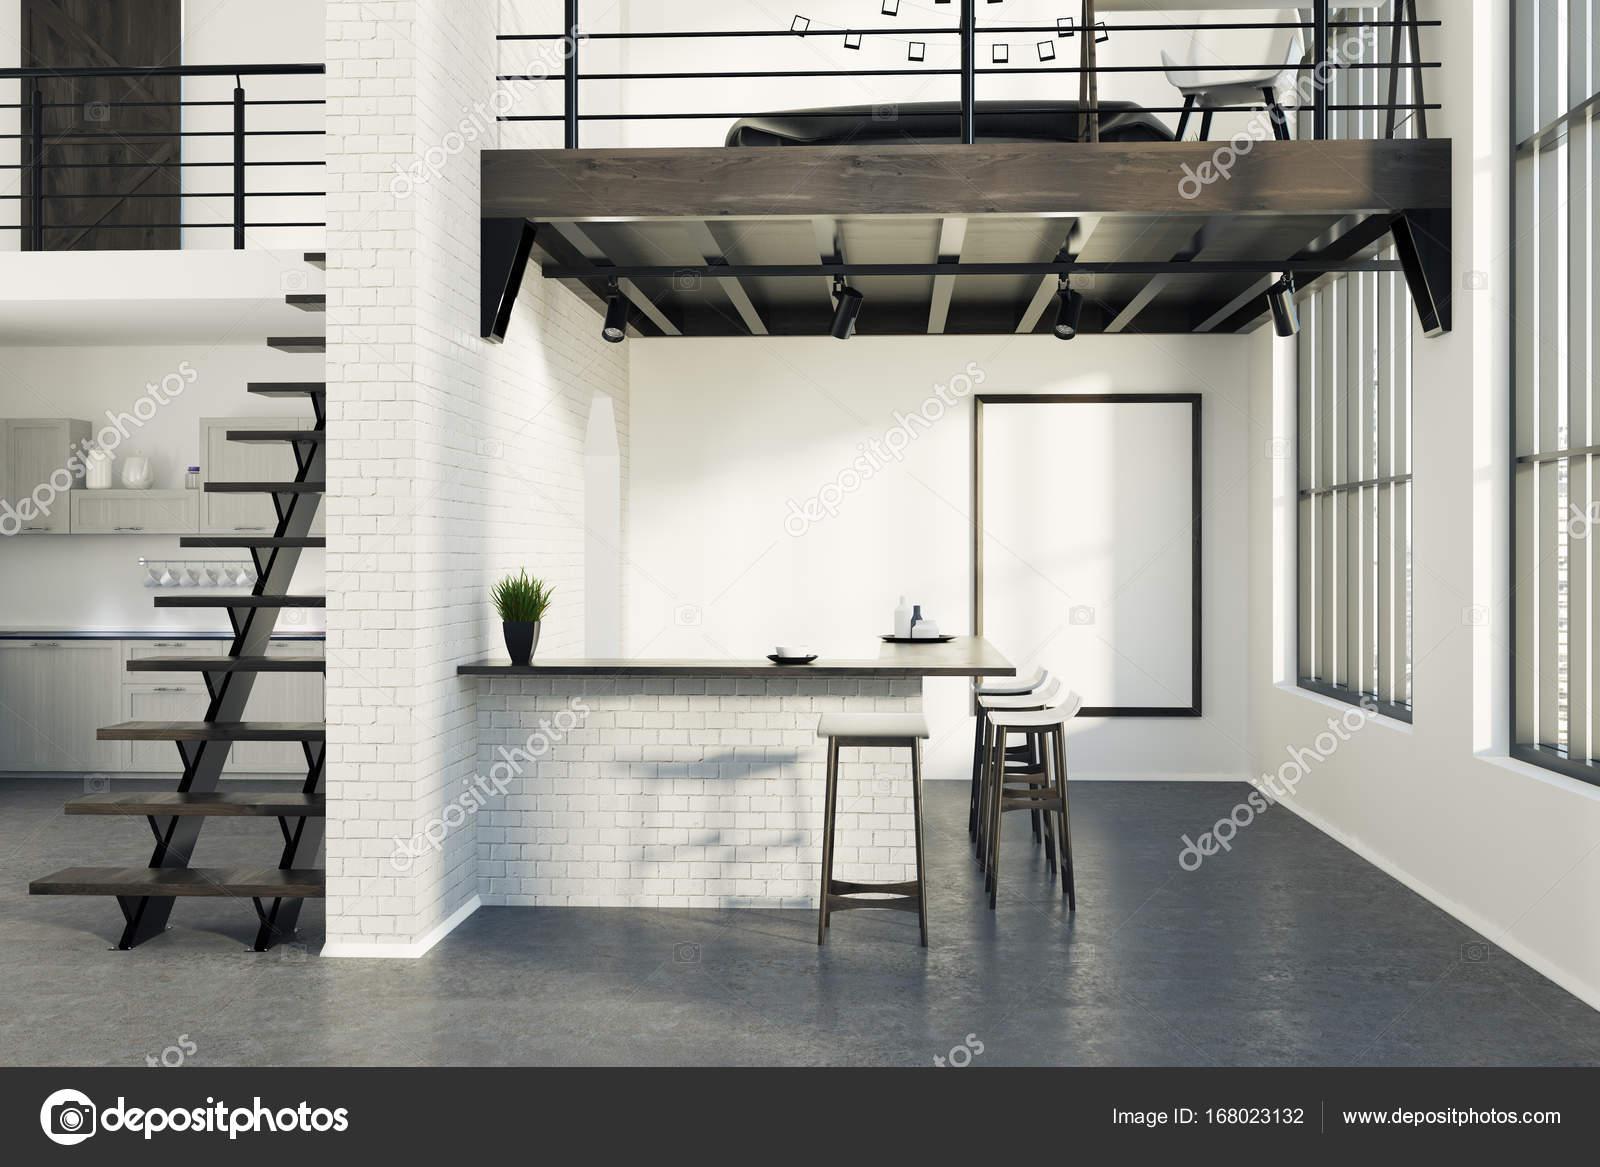 Ziegel-Küche-Bar mit einem Plakat, grau — Stockfoto © denisismagilov ...